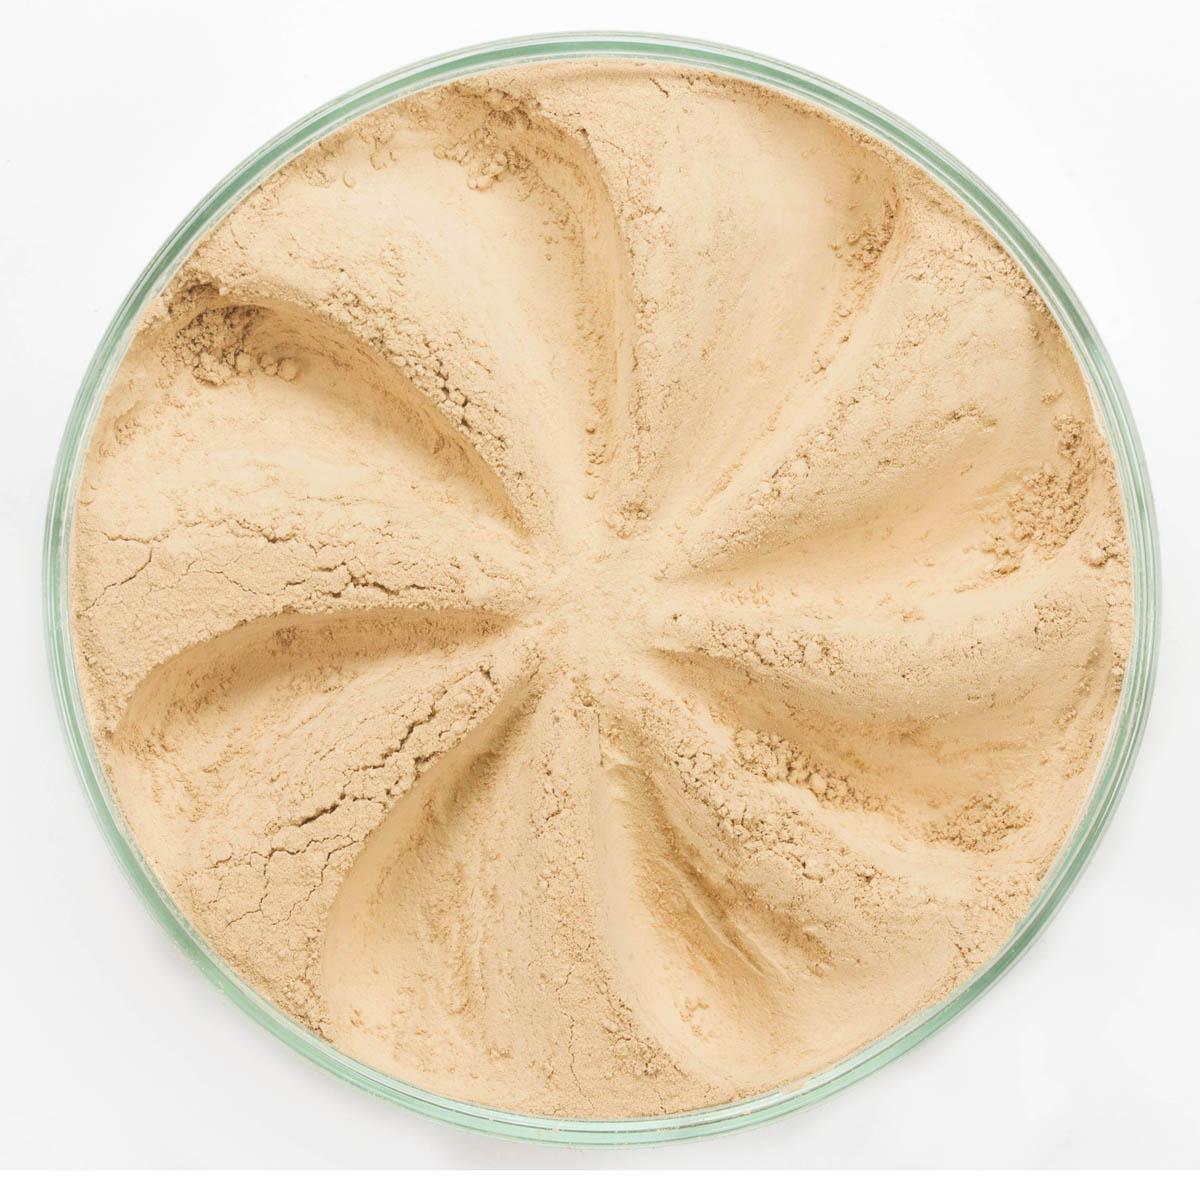 Era Minerals Минеральная Тональная основа Flawless тон 334, 16,5 млFN334Основа Flawless предназначена для нормальной и склонной к жирности кожи. Обеспечивает умеренное покрытие с матирующим эффектом. Без отдушек и масел, для всех типов кожи Водостойкое, долгосрочное покрытие Широкий спектр фильтров UVB/UVA, протестированных при SPF 30+ Некомедогенно, не блокирует поры Дерматологически протестировано, не аллергенно Антибактериальные ингредиенты, помогает успокоить раздраженную кожу Состоит из неактивных минералов, не способствует развитию бактерий Не тестировано на животных Вес нетто 7г (стандартный размер)